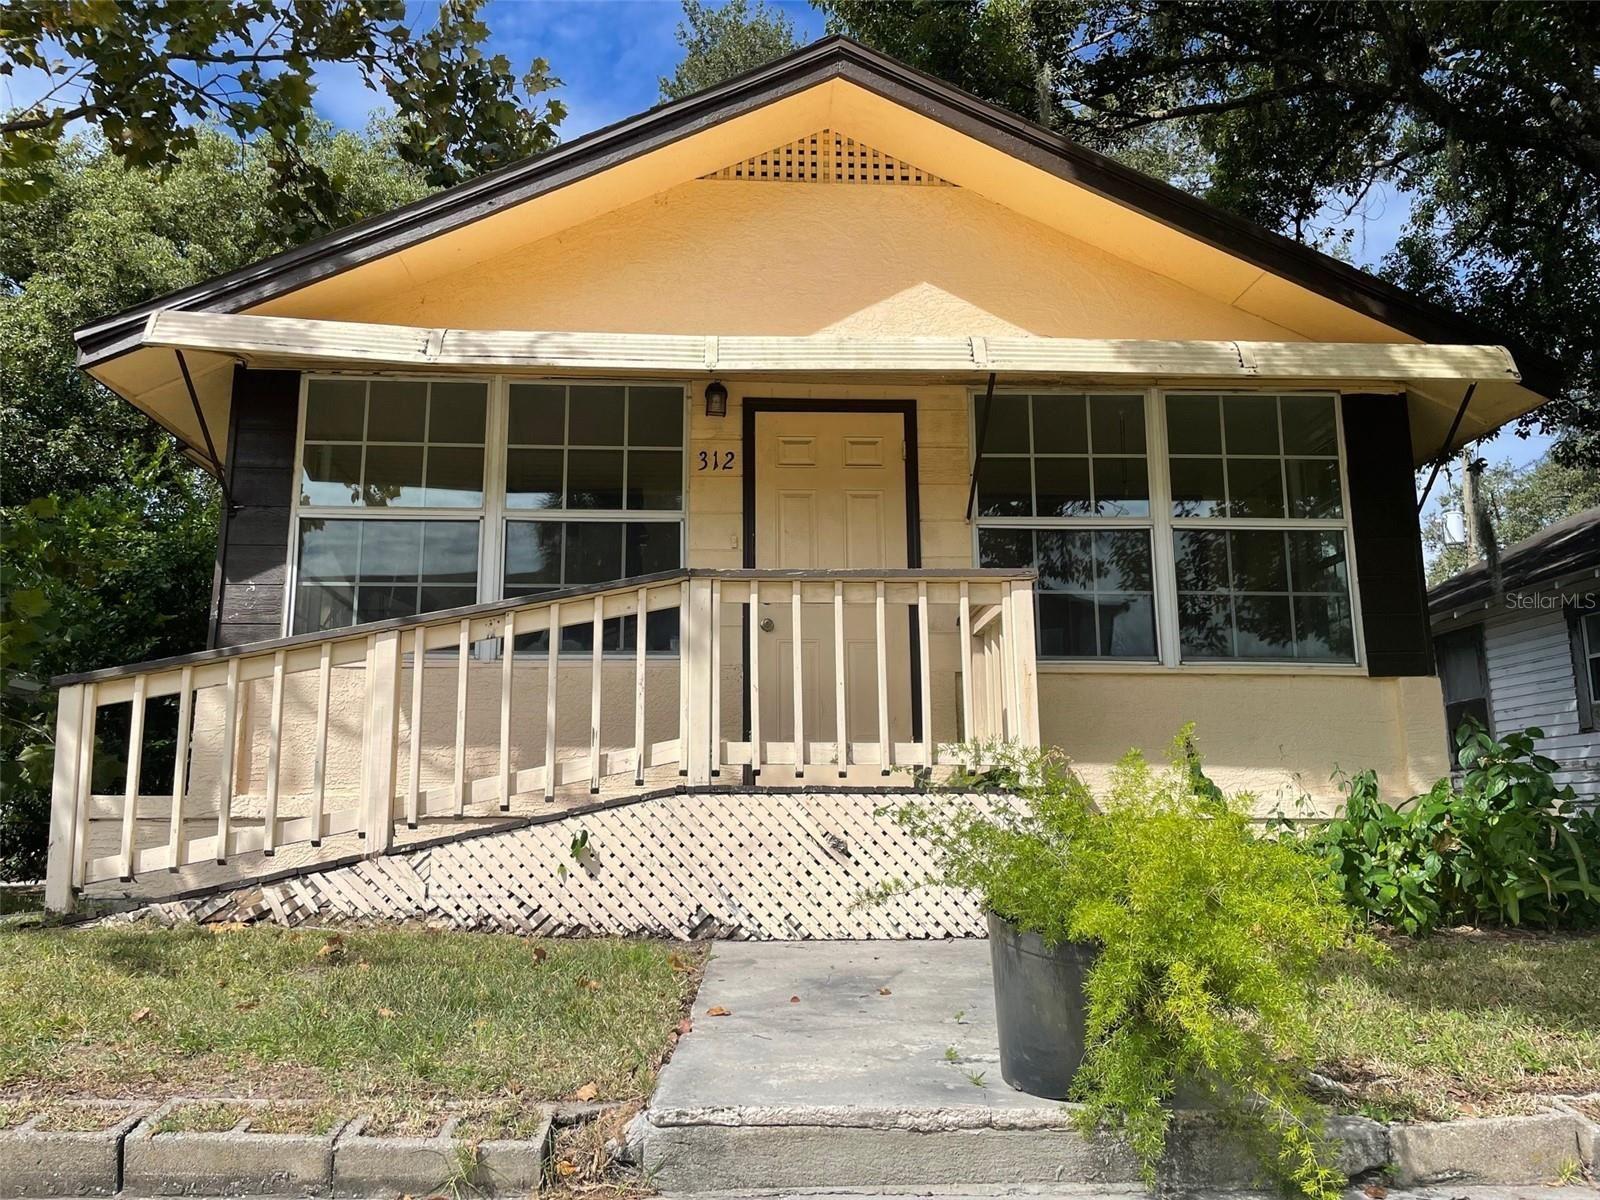 312 S CHAPMAN AVENUE, Sanford, FL 32771 - #: O5976552